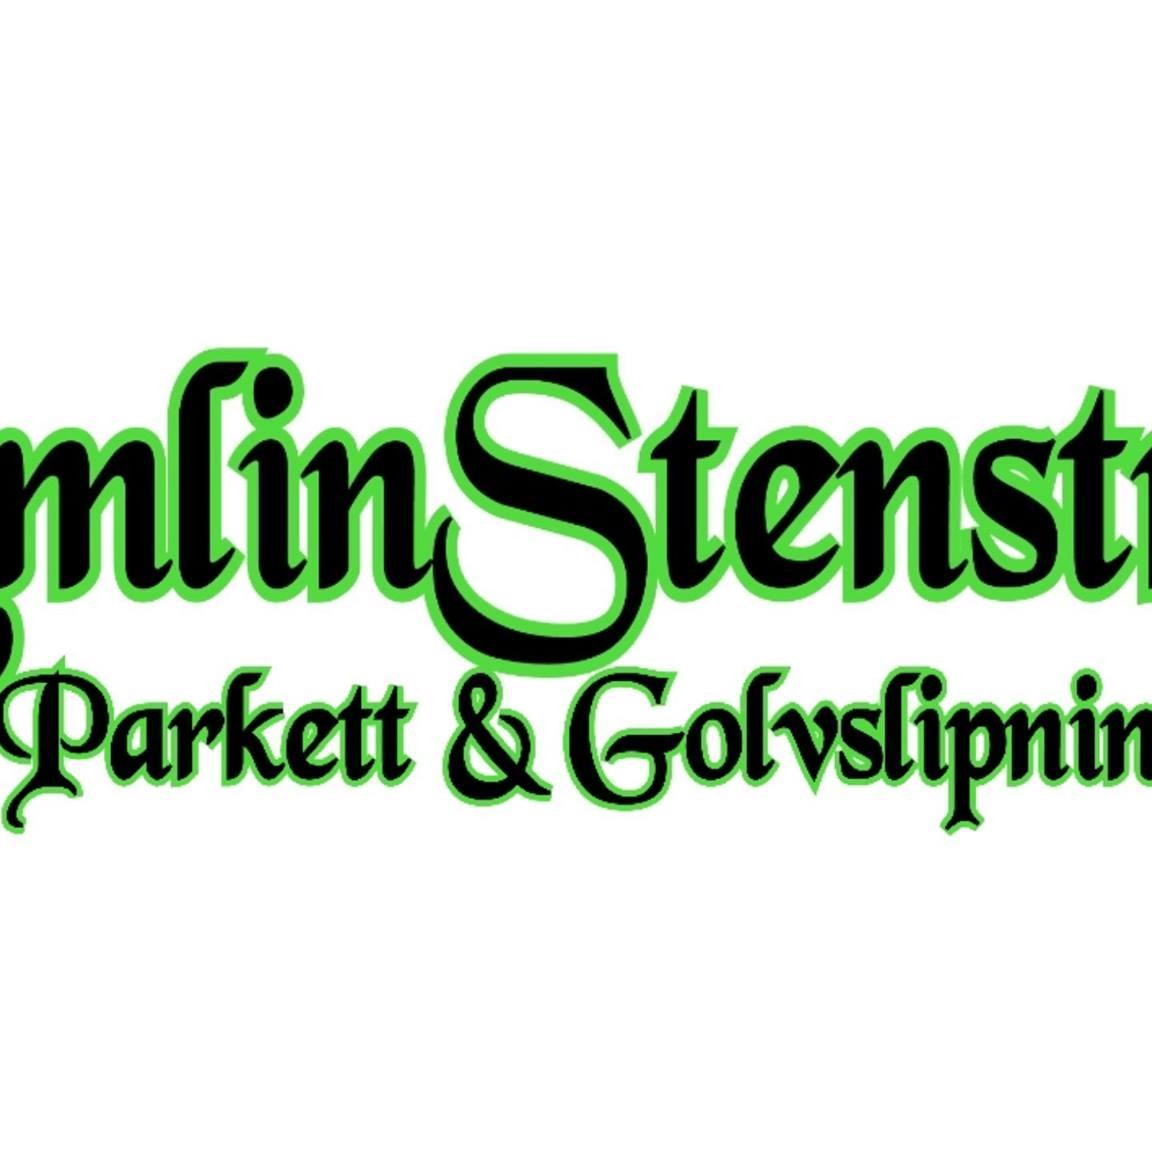 Kumlin & Stenström Parkett & Golvslipning AB